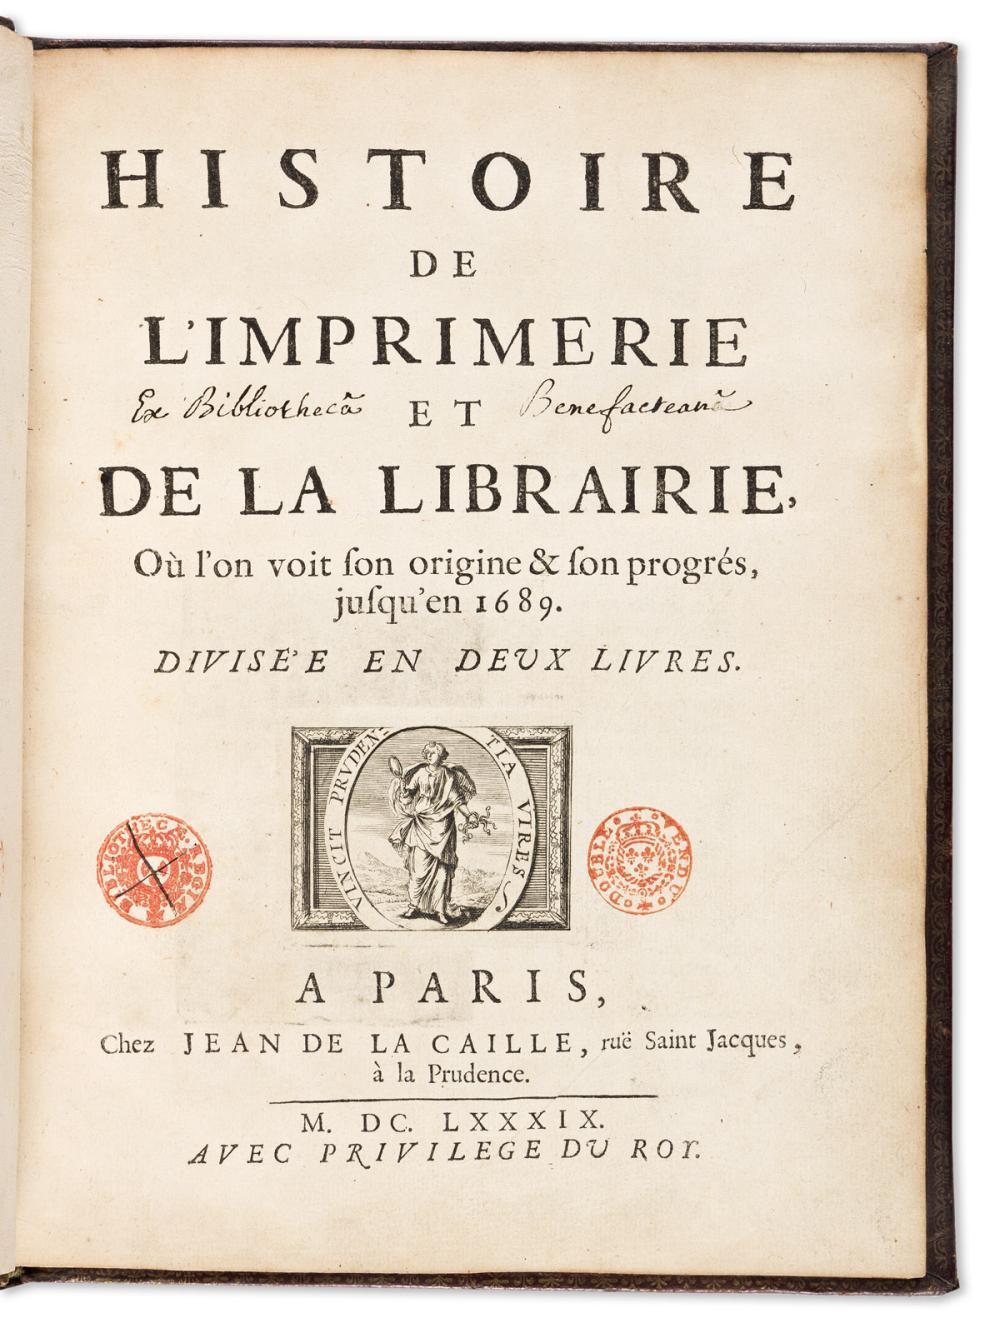 La Caille, Jean de (1645-1723) Histoire de l'Imprimerie et de la Librairie.